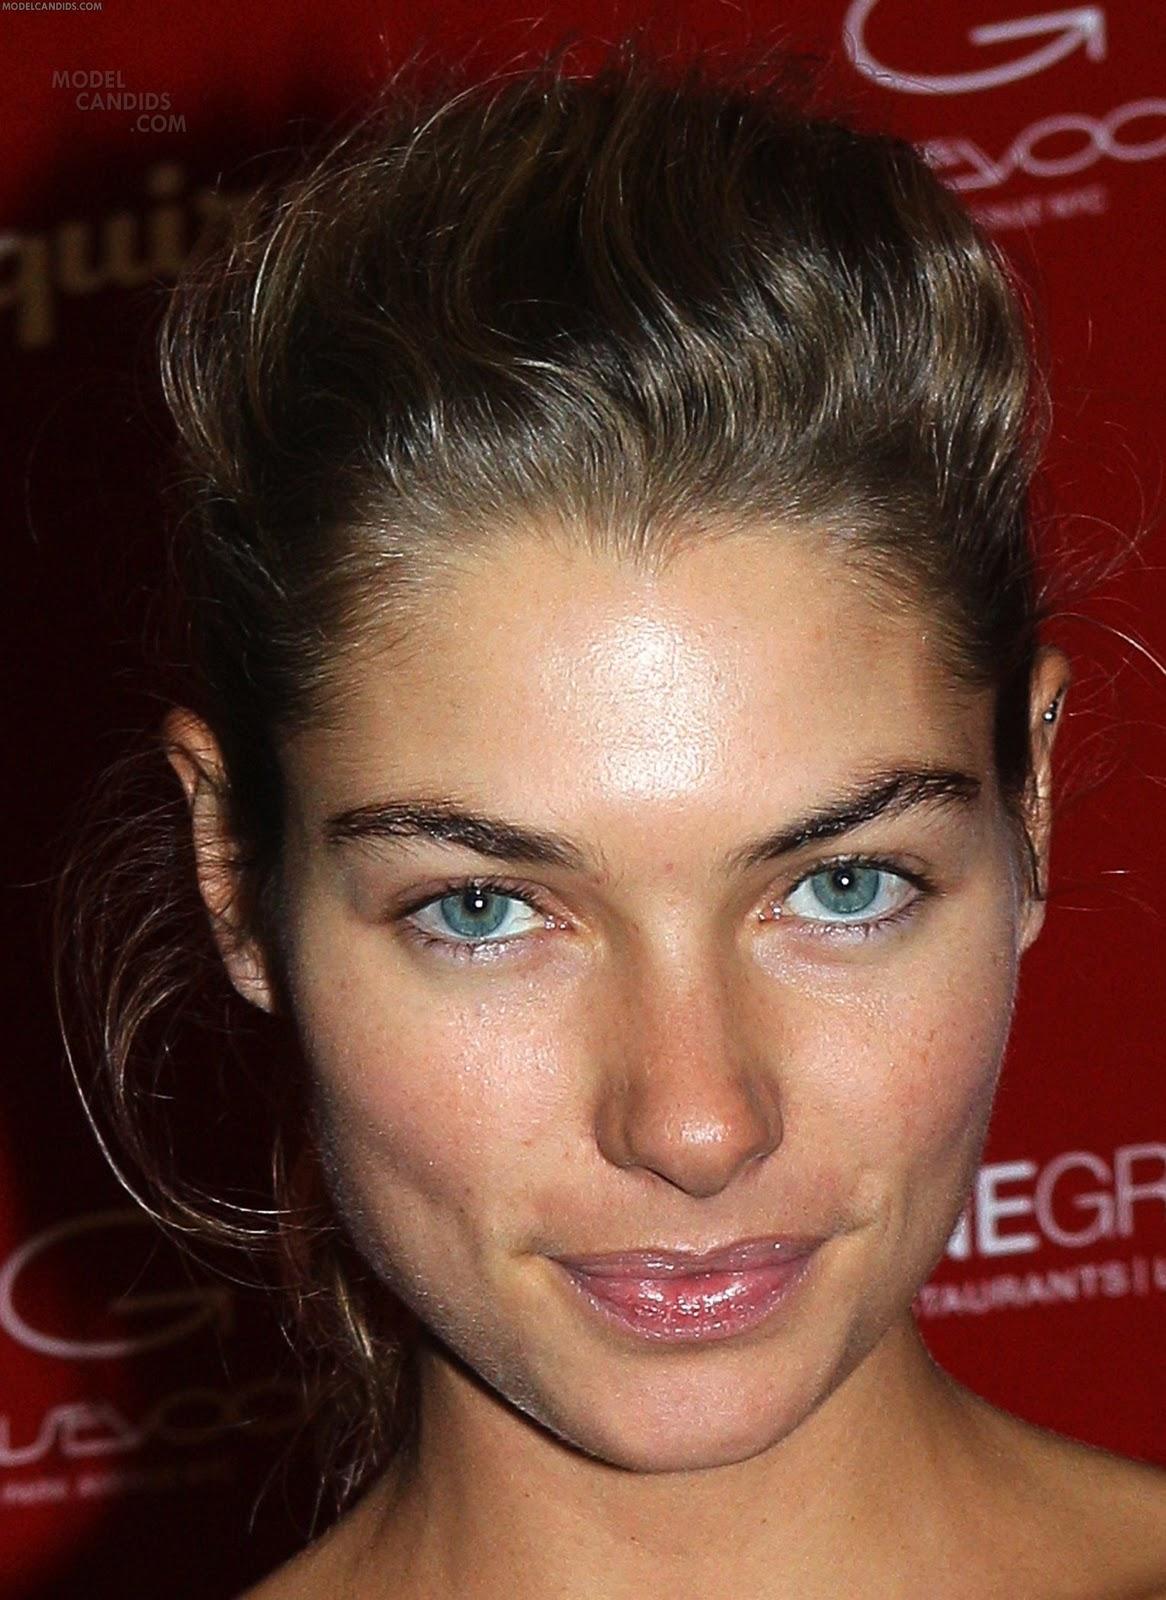 http://4.bp.blogspot.com/-rGI1mUPOrgI/TV-dqo7TjEI/AAAAAAAAI_g/HipTOstcKFM/s1600/Jessica+Hart+%2528Esquire+sexiest+women+alive+celebration+2010%2529.jpg